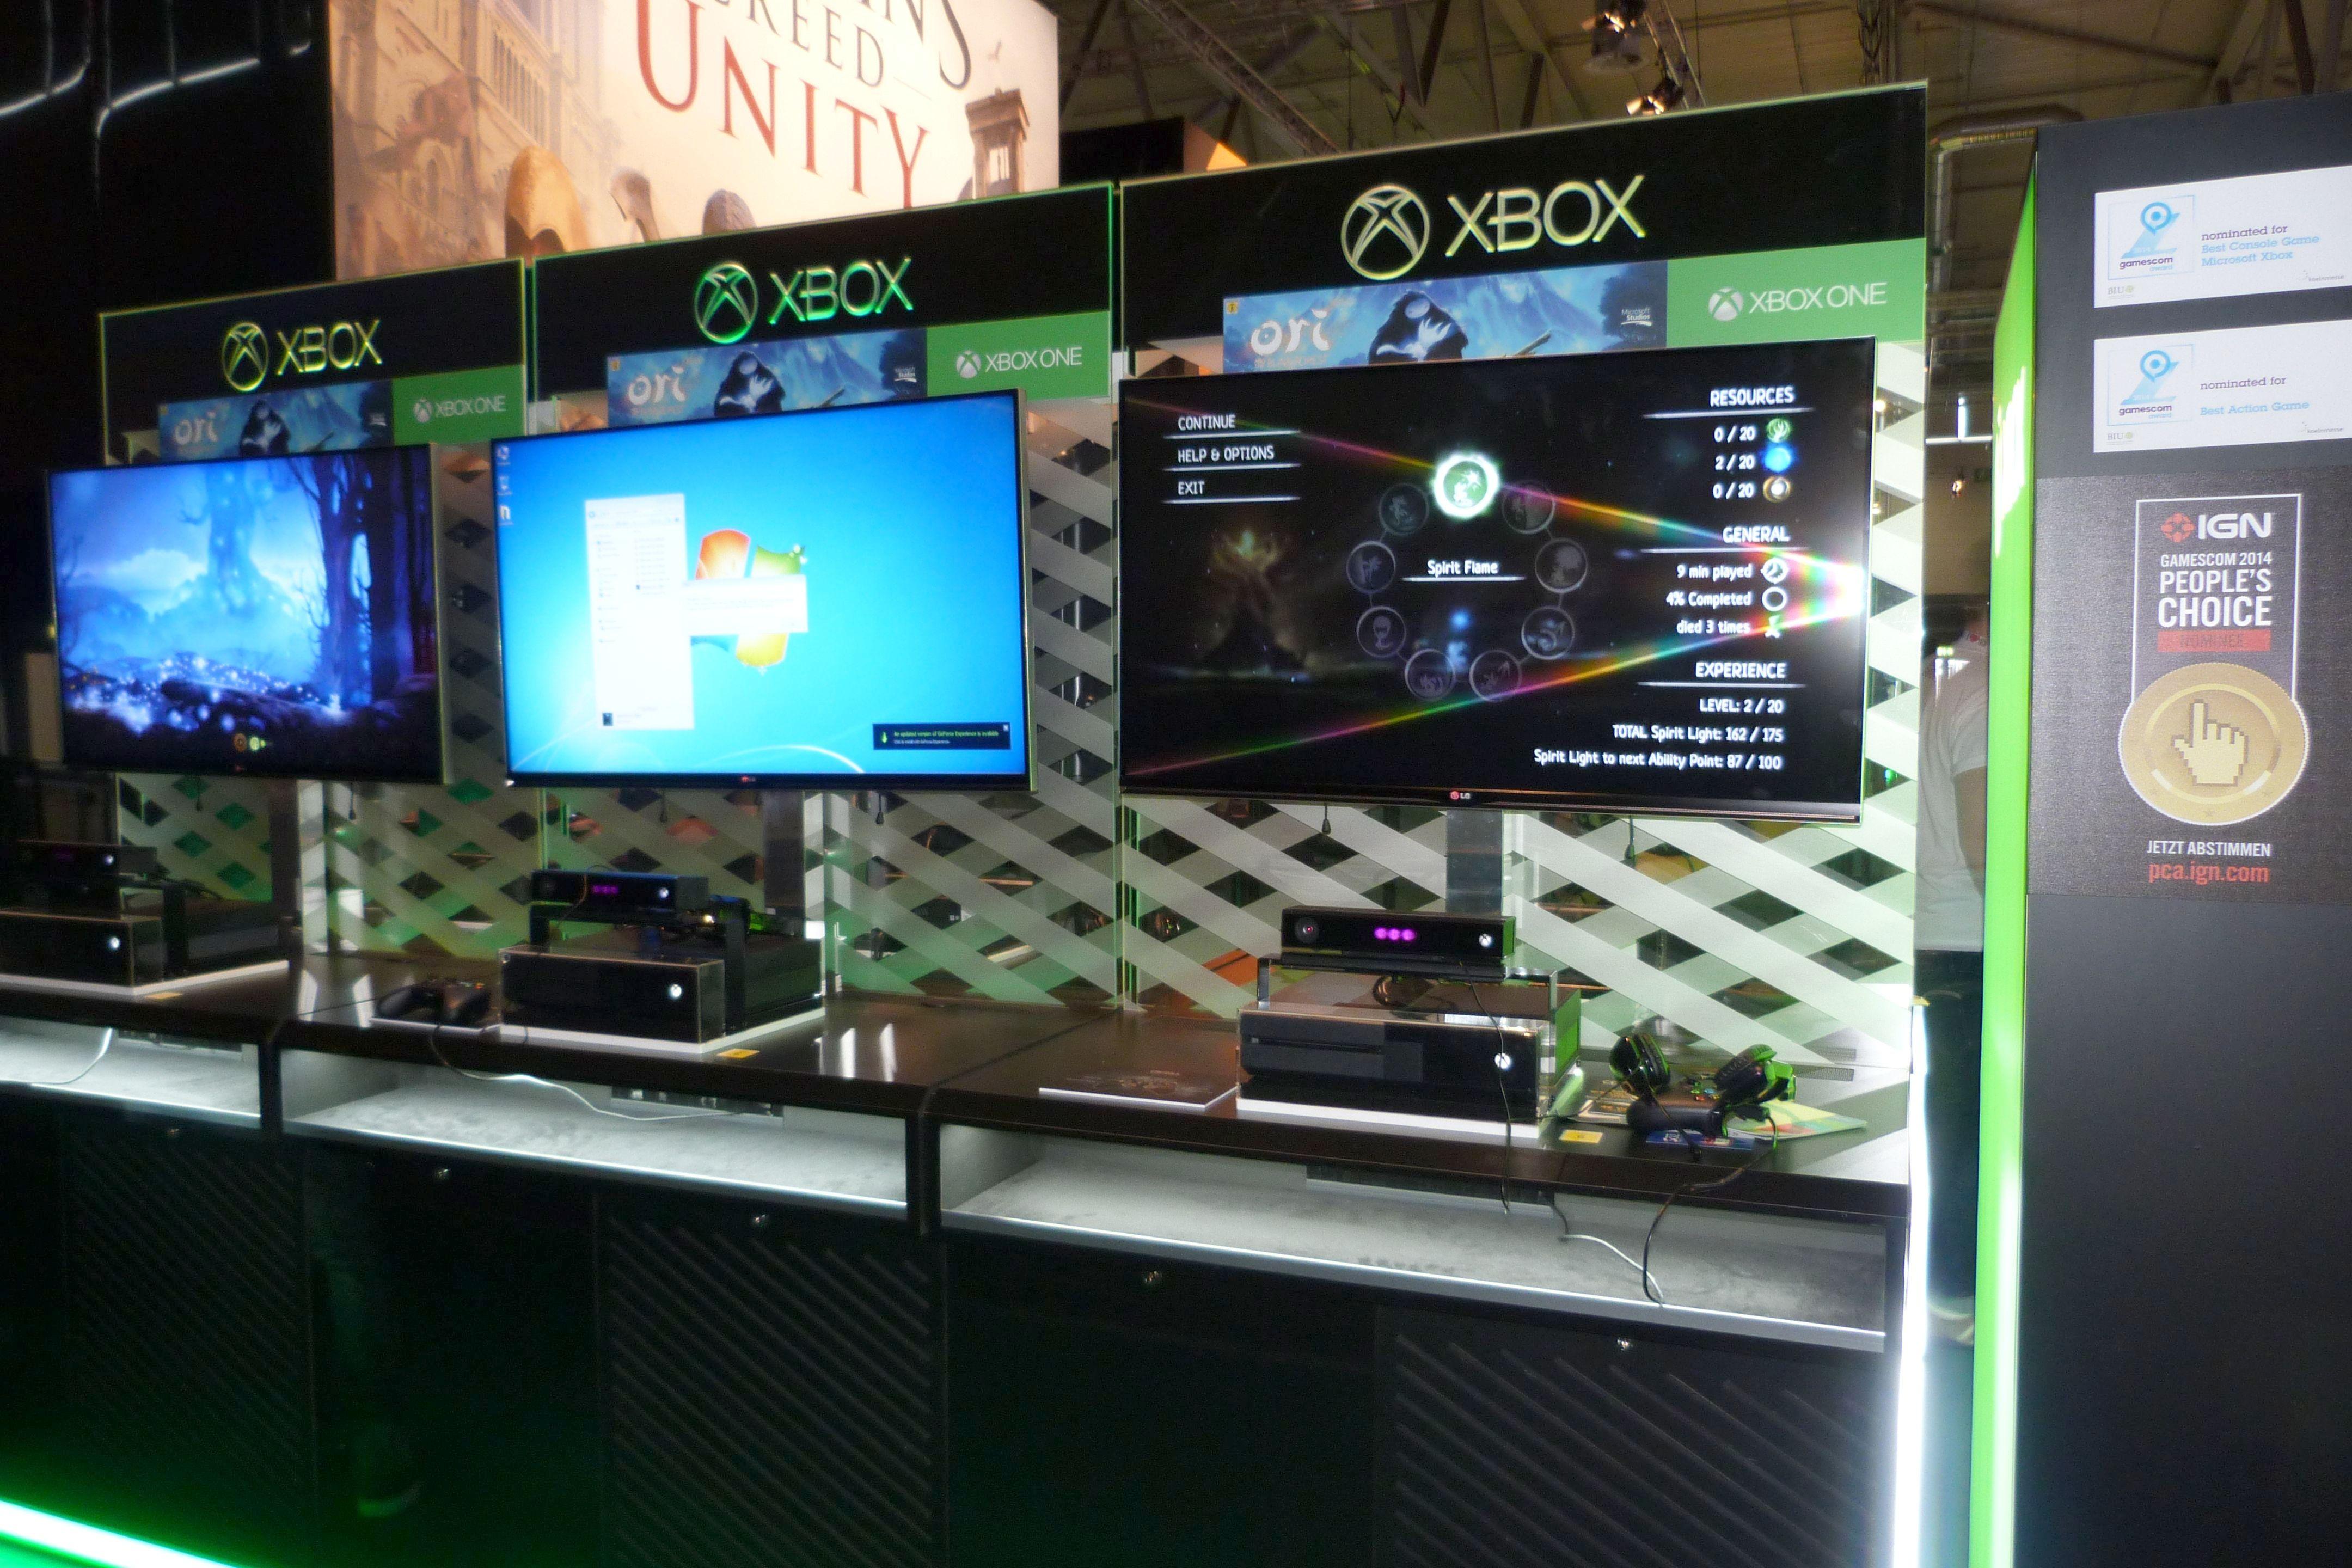 На Gamescom Mirosoft замаскировали несколько PC для демонстрации игр Xbox One.. - Изображение 1